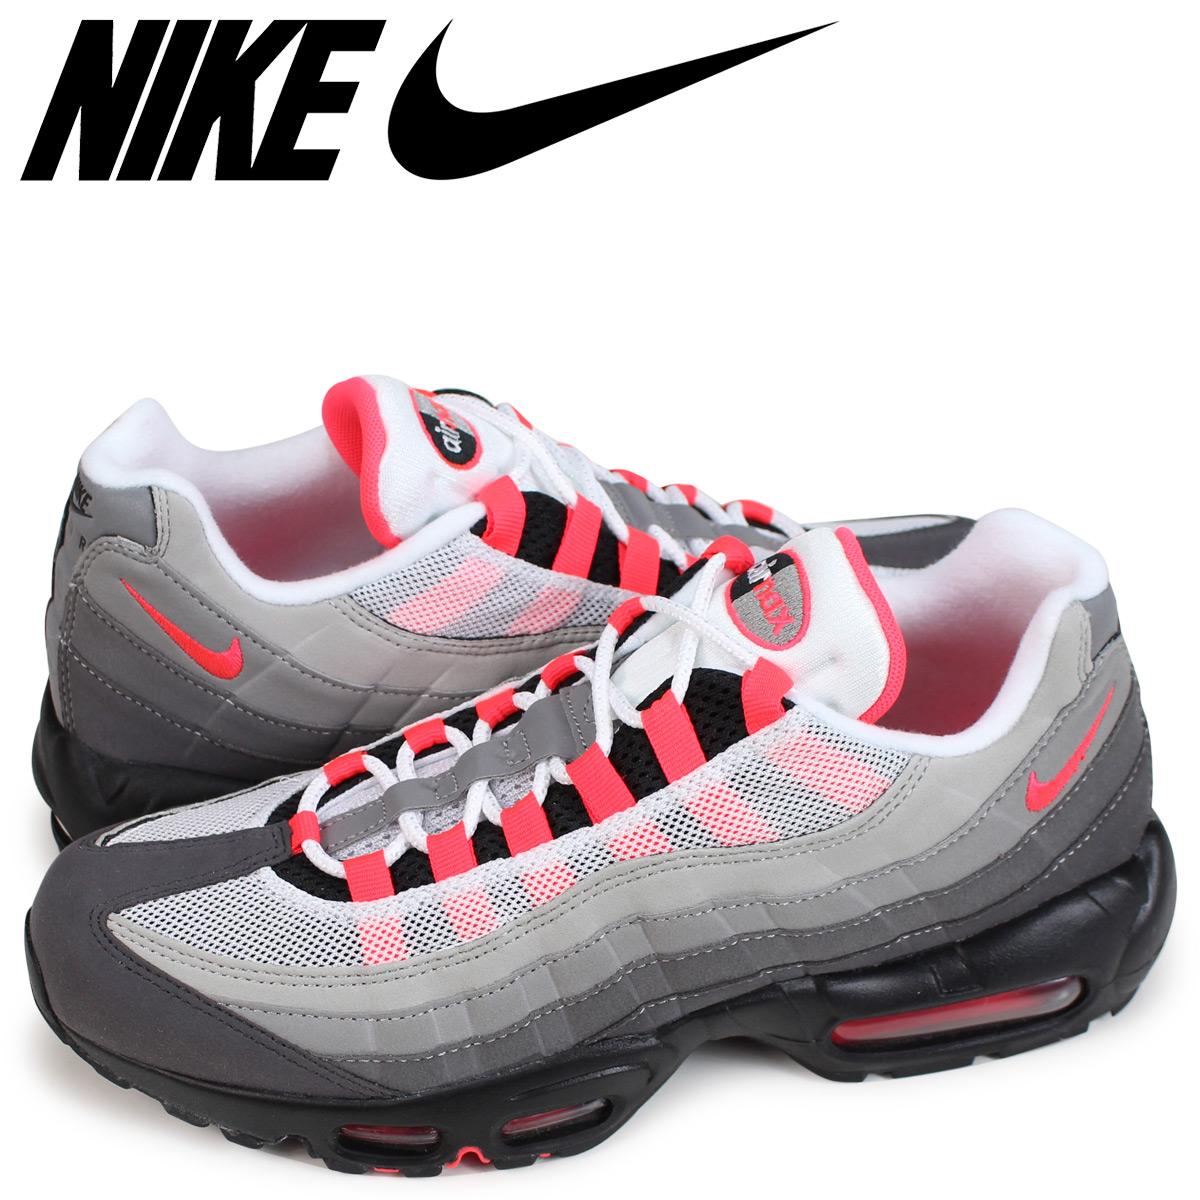 Nike Air Max 95 OG Sneakers in zwart AT2865 100